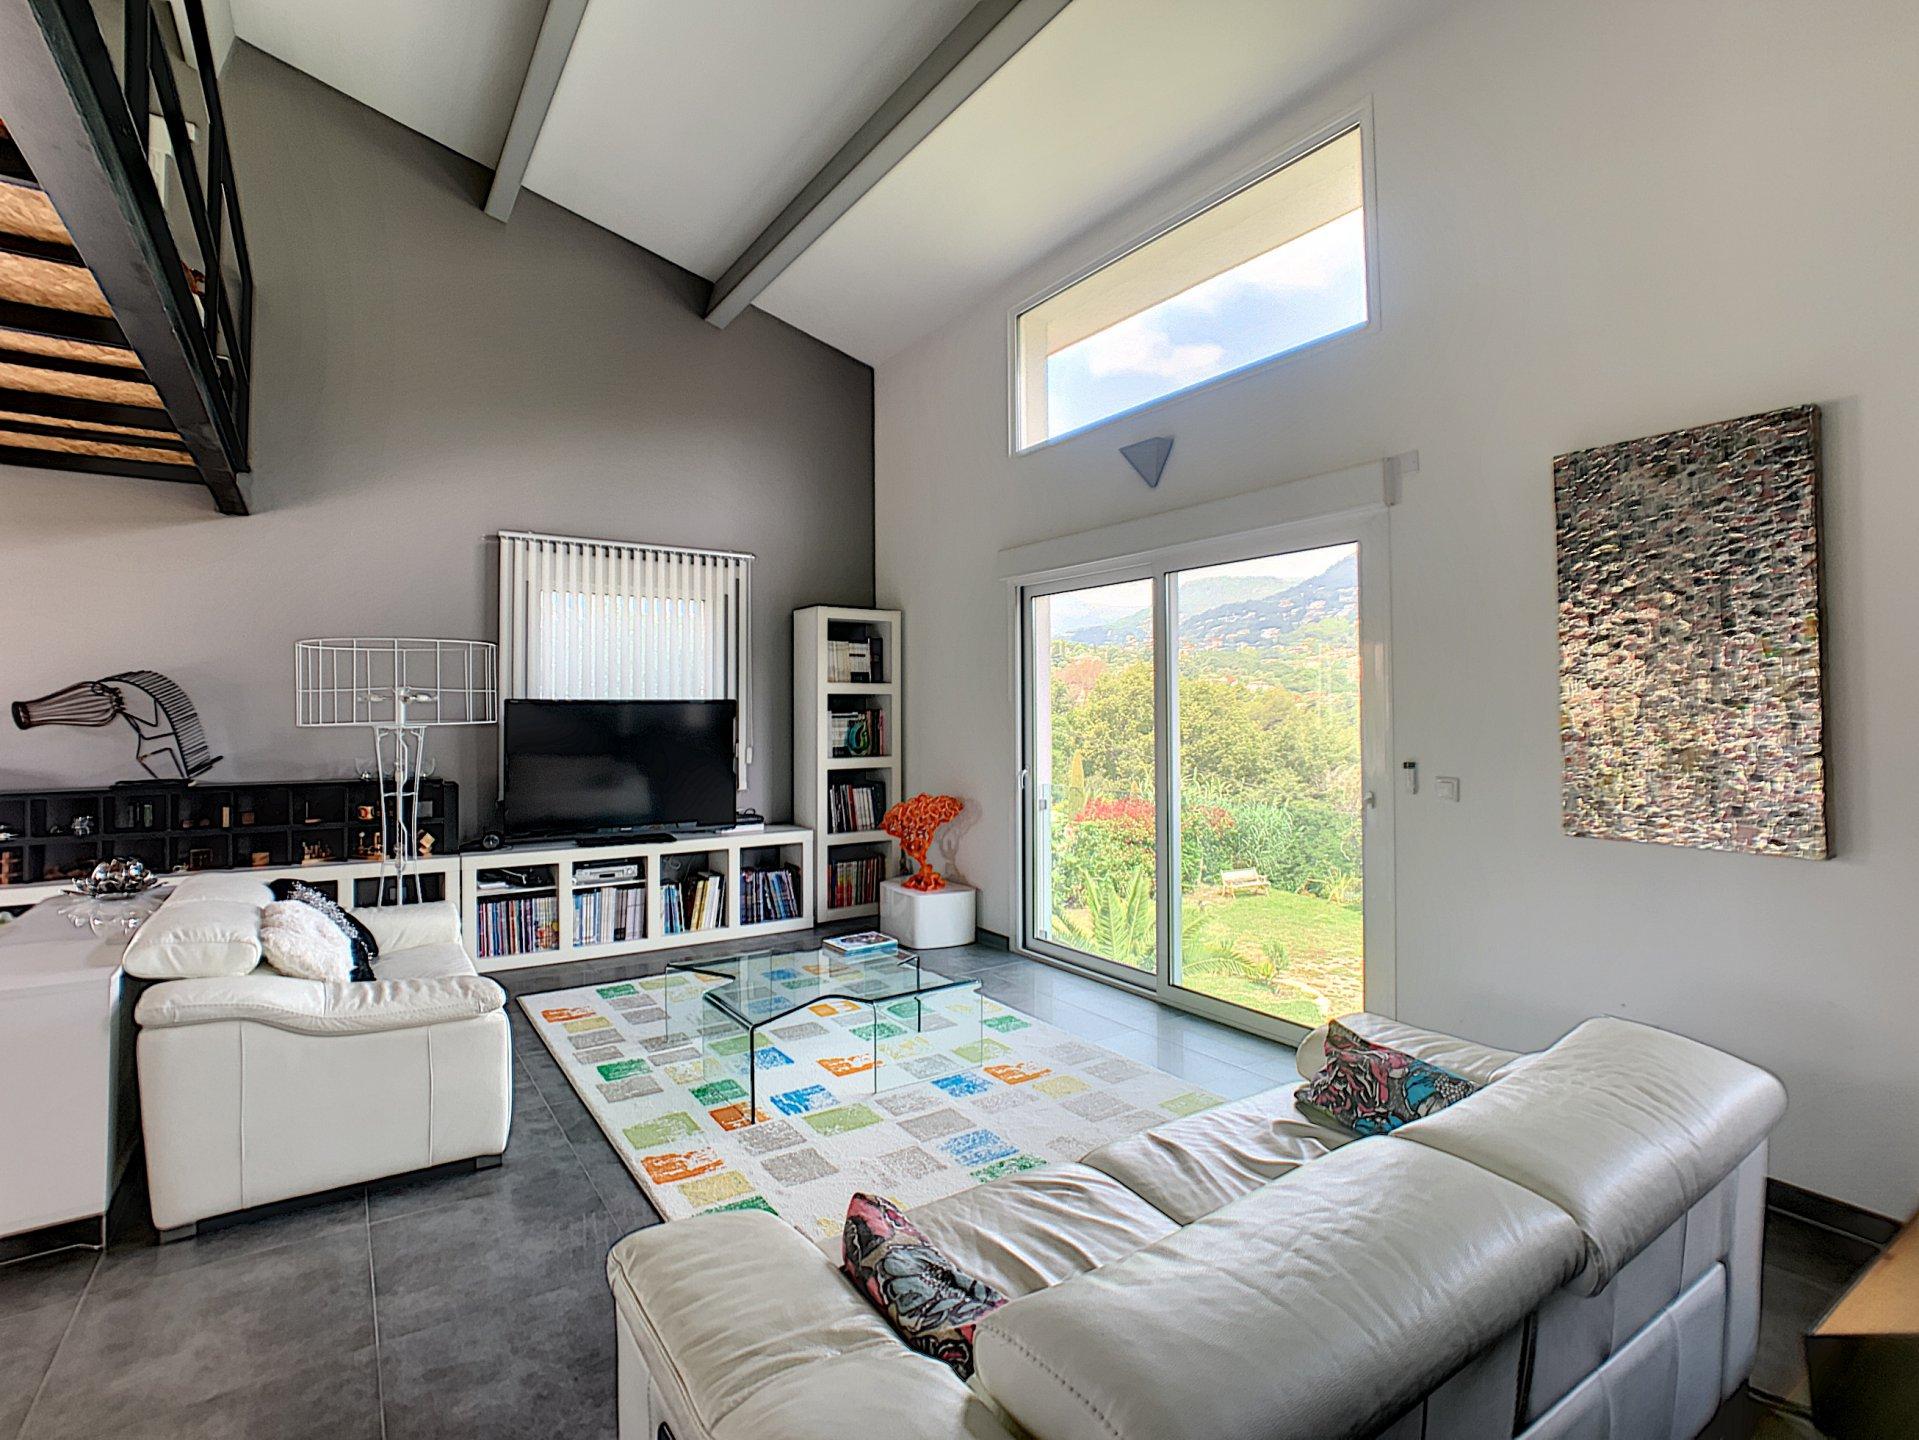 VENCE (06140) - Quartier Vosgelade - Villa moderne 210m2 de 6 pièces - 5 chambres